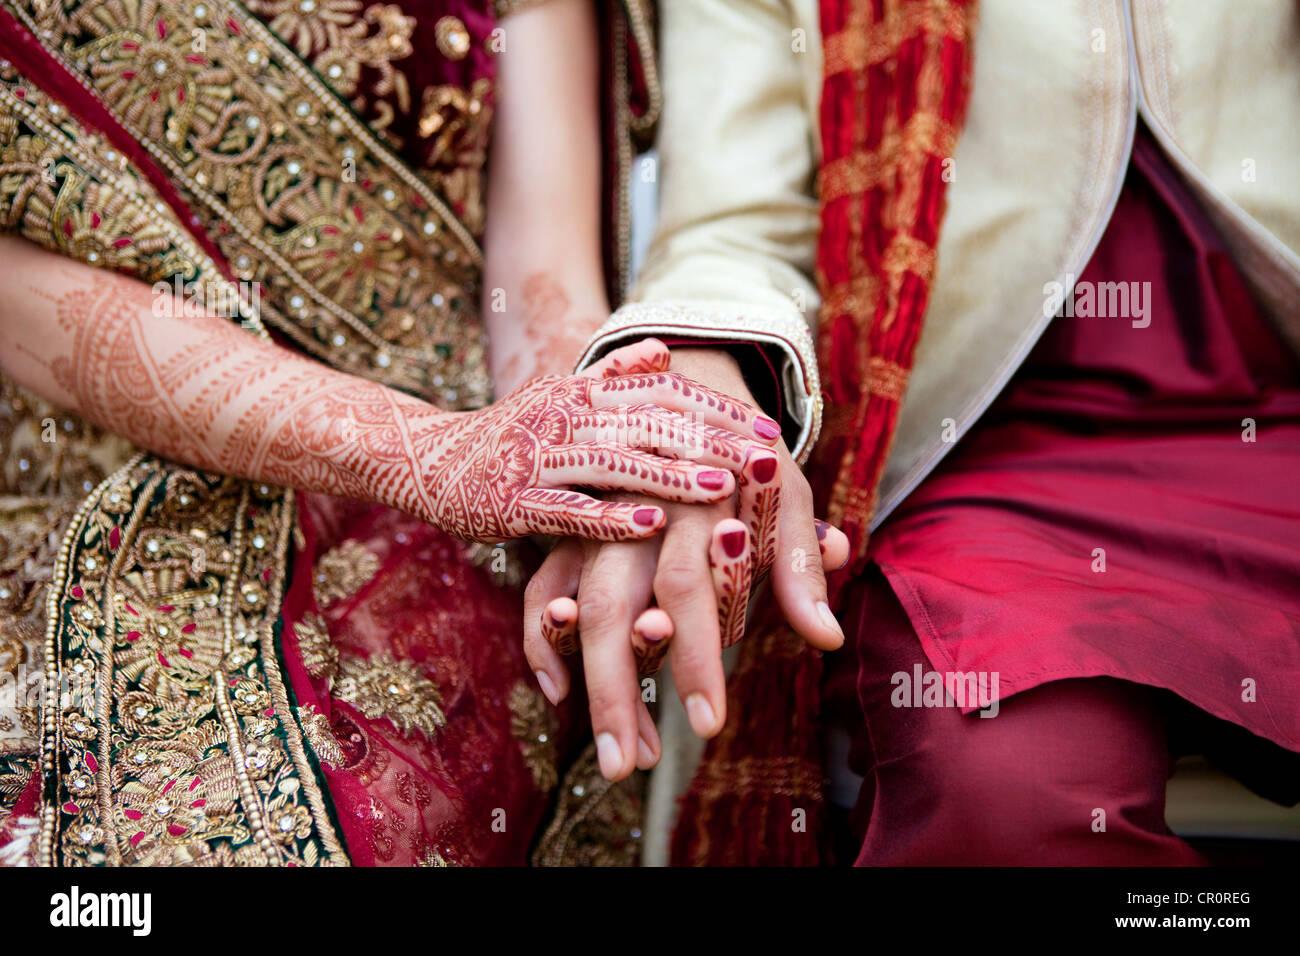 La novia y el novio en la boda tradicional india ropa con tatuajes de henna Foto de stock